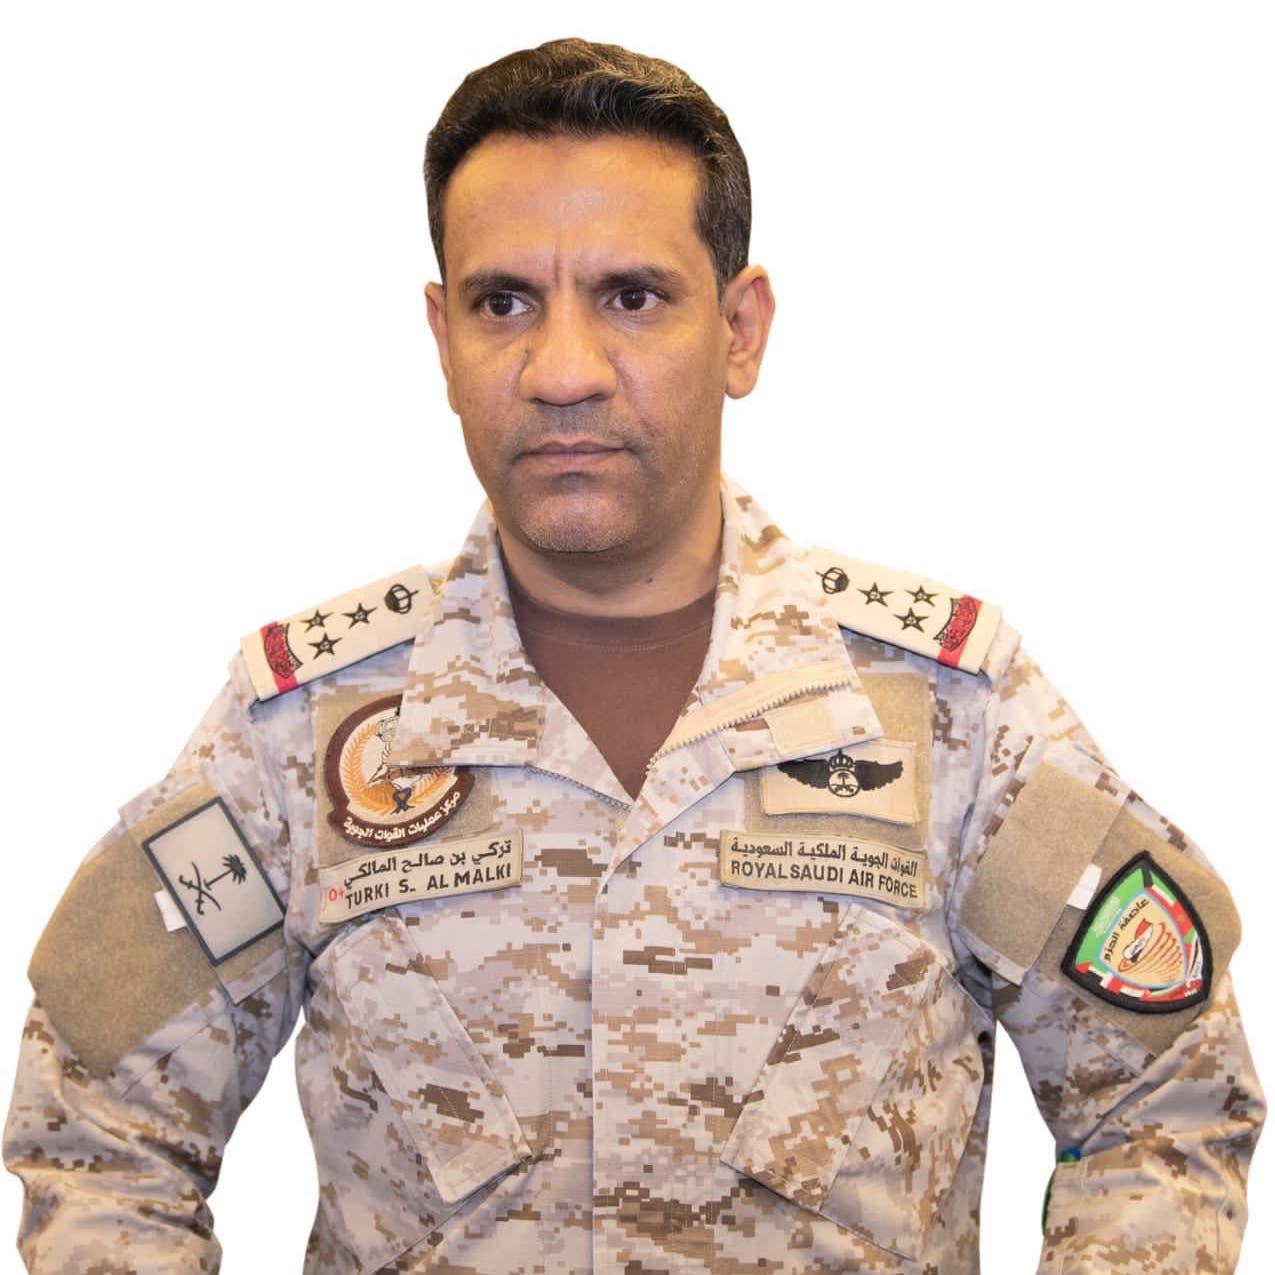 التحالف: اعتراض طائرتين مفخختين أطلقهما الحوثيون تجاه السعودية